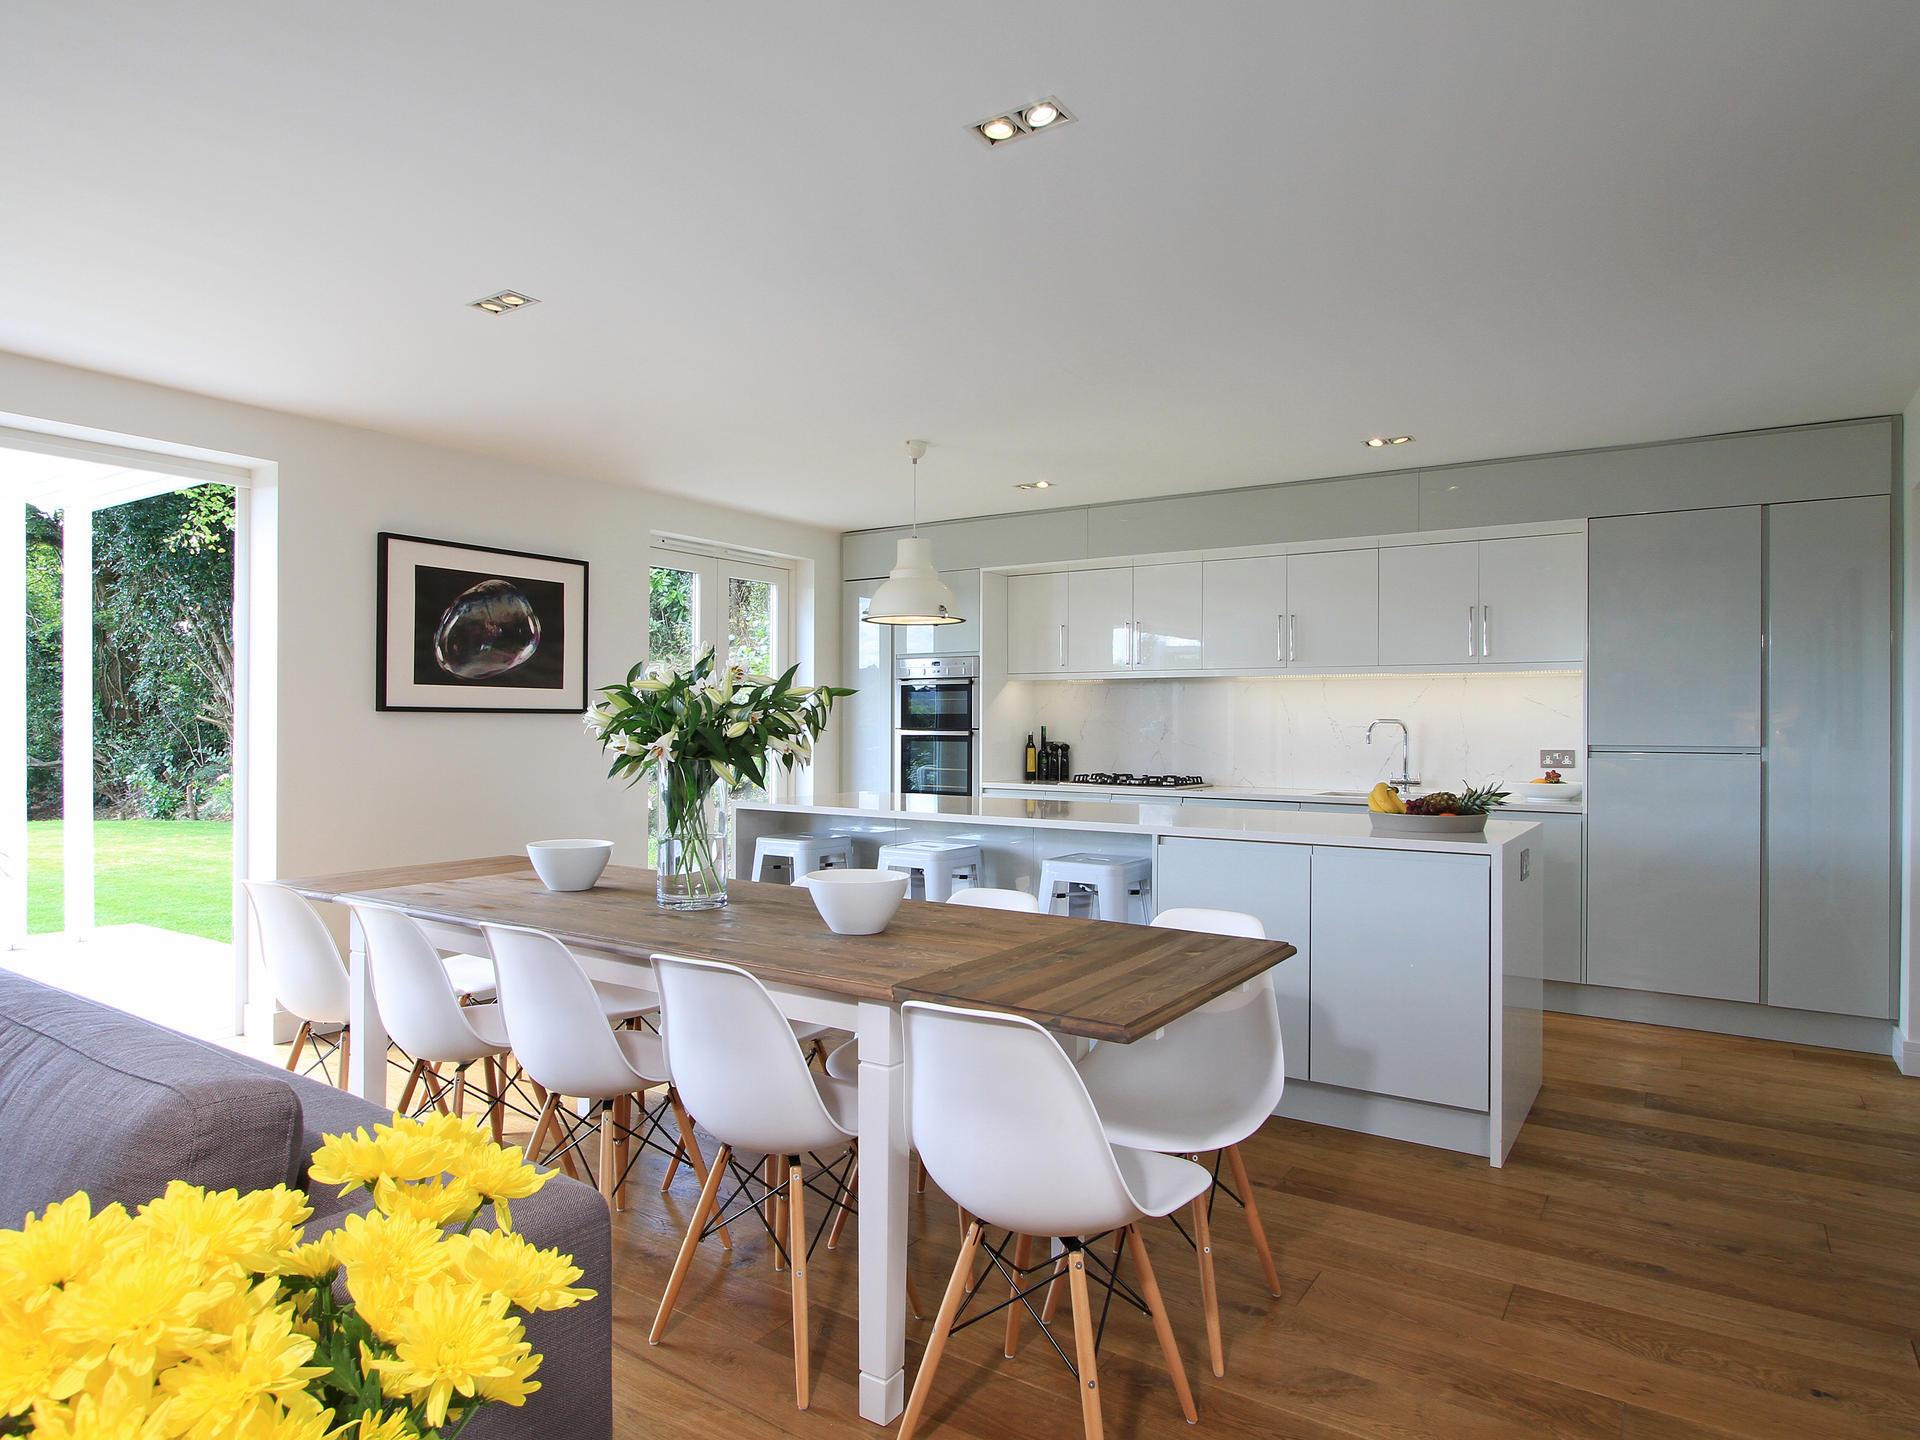 modern interior kitchen & dining room in Surrey